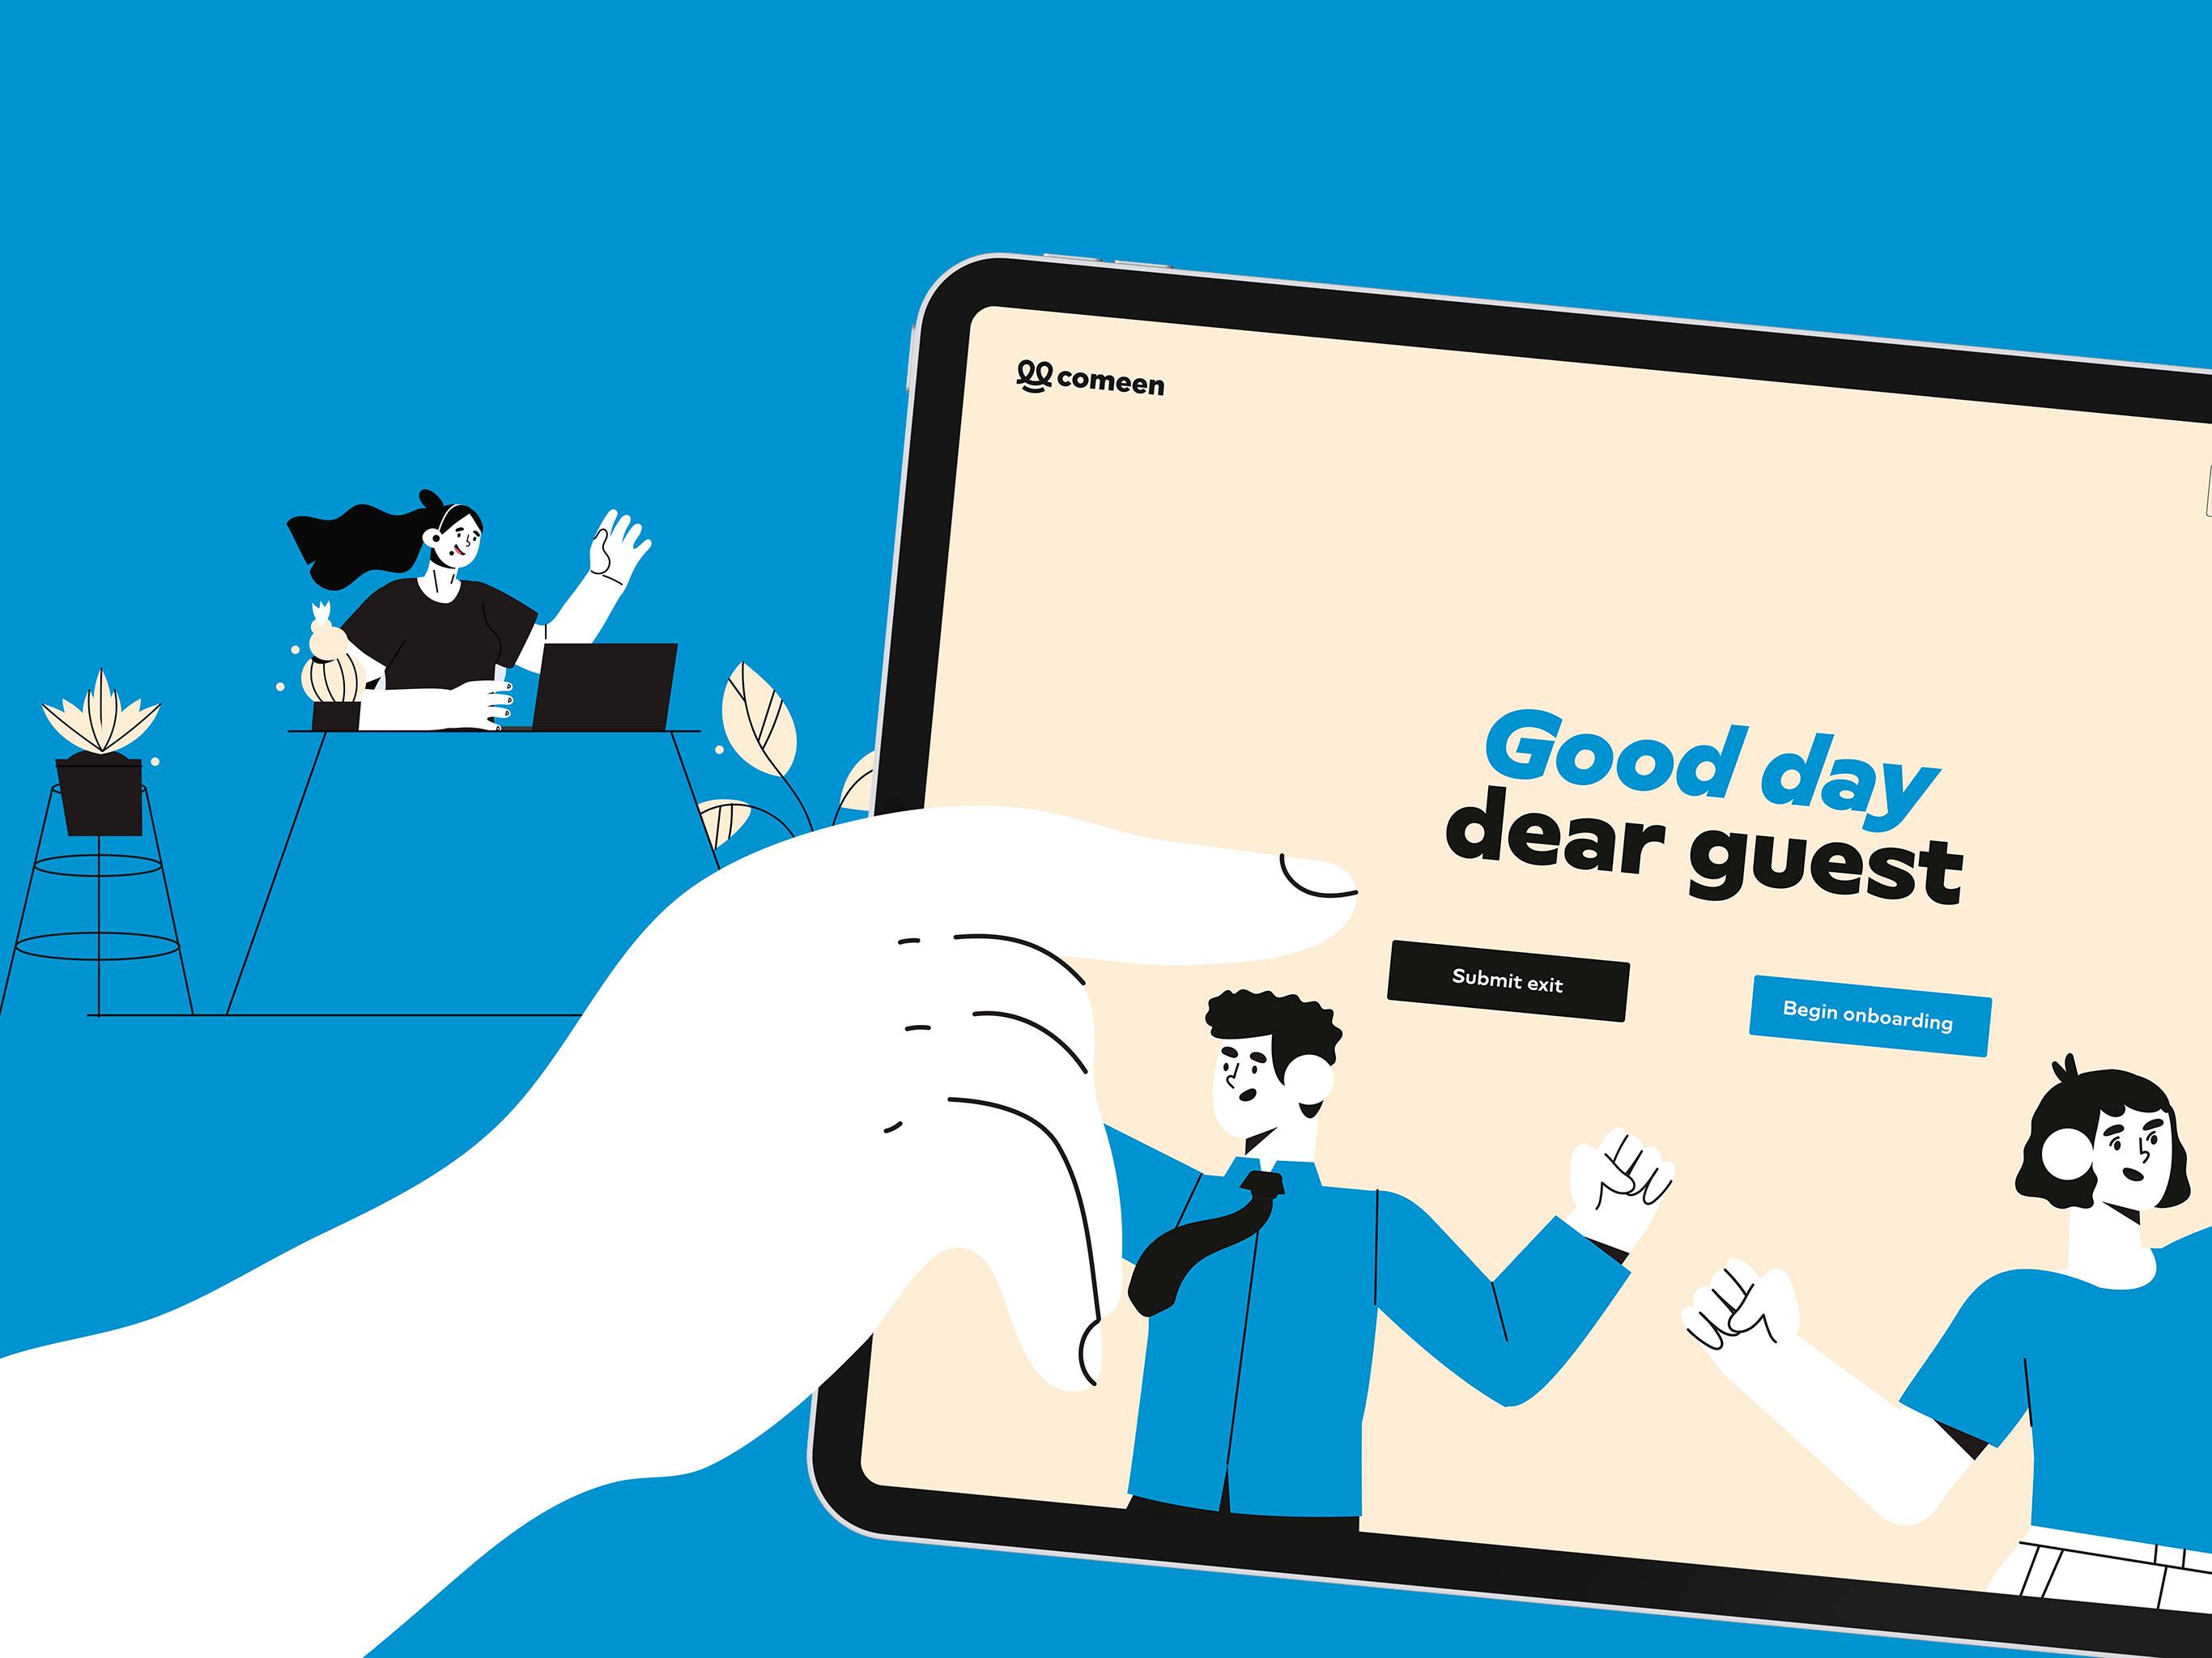 Identité visuelle et UI design d'une solution d'accueil digitalisé des visiteurs en entreprise